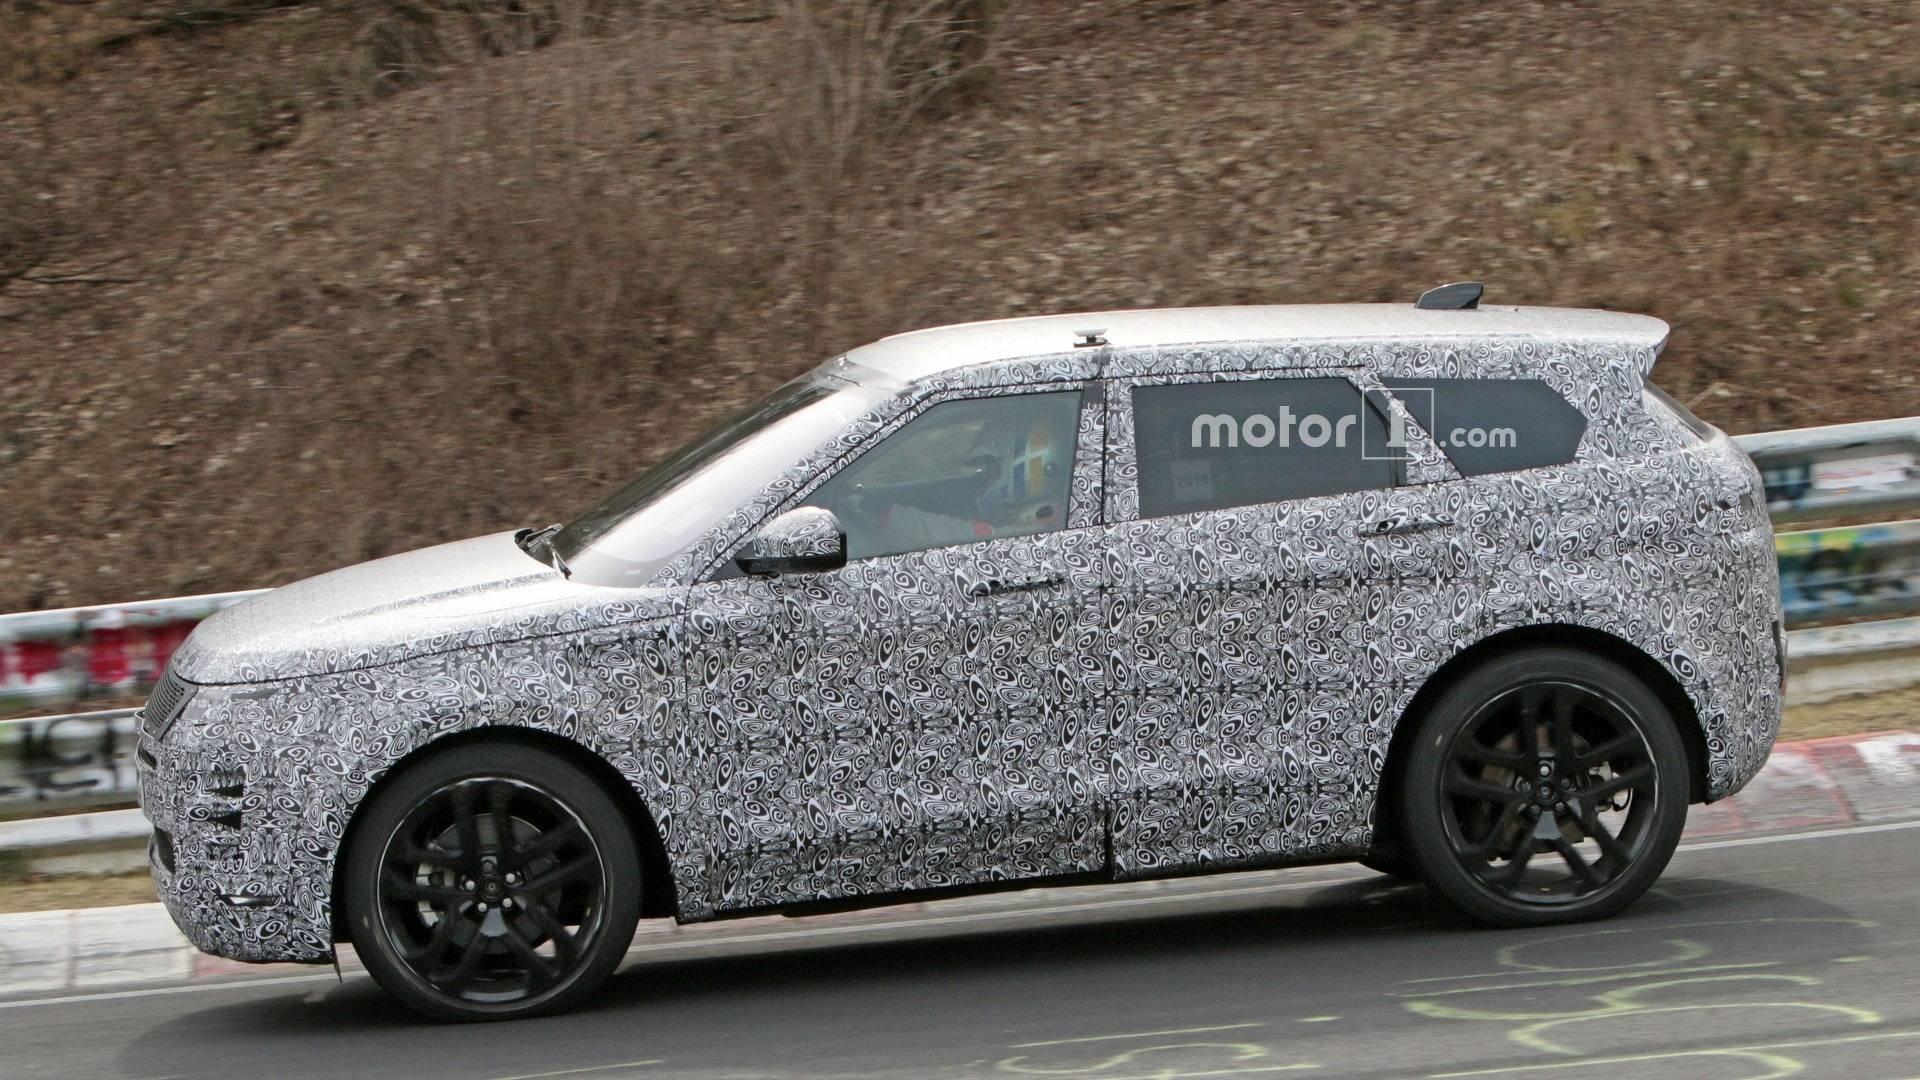 Обновлённый Range Rover Evoque был замечен натрассе Нюрбургринг